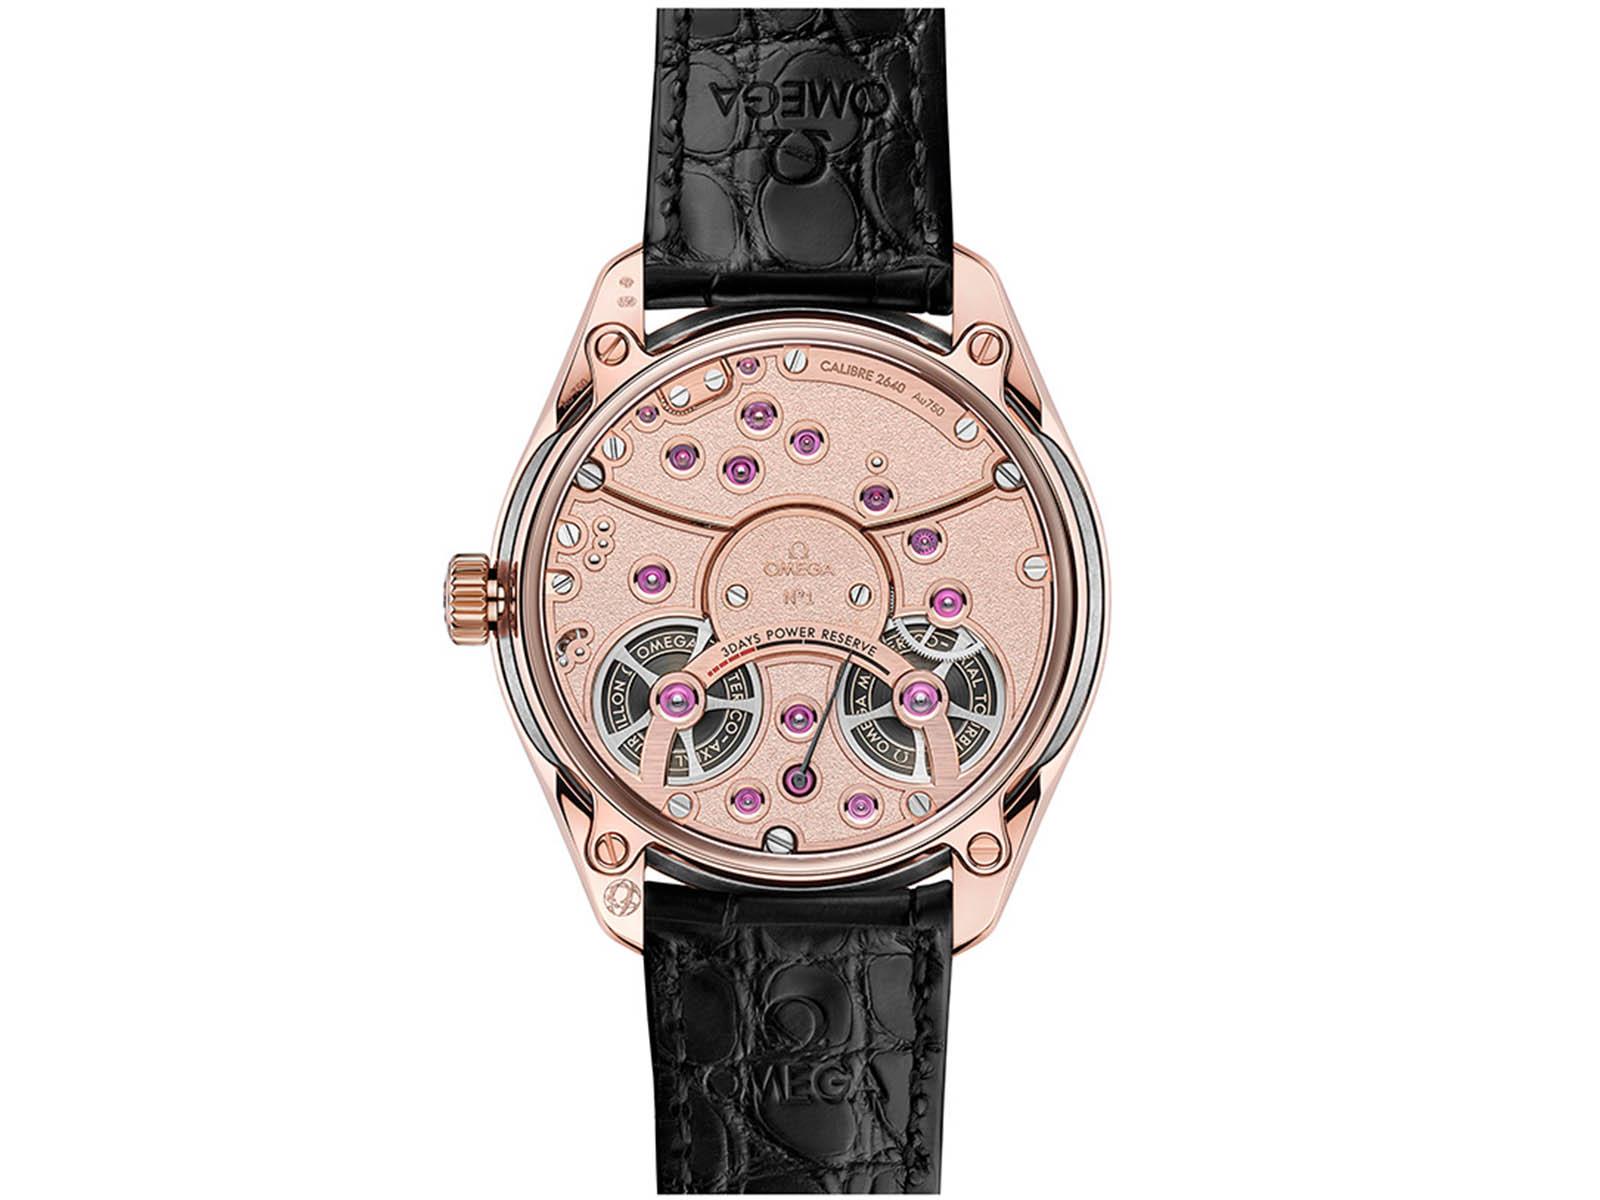 529-53-43-22-01-001-omega-de-ville-tourbillon-co-axial-master-chronometer-5.jpg